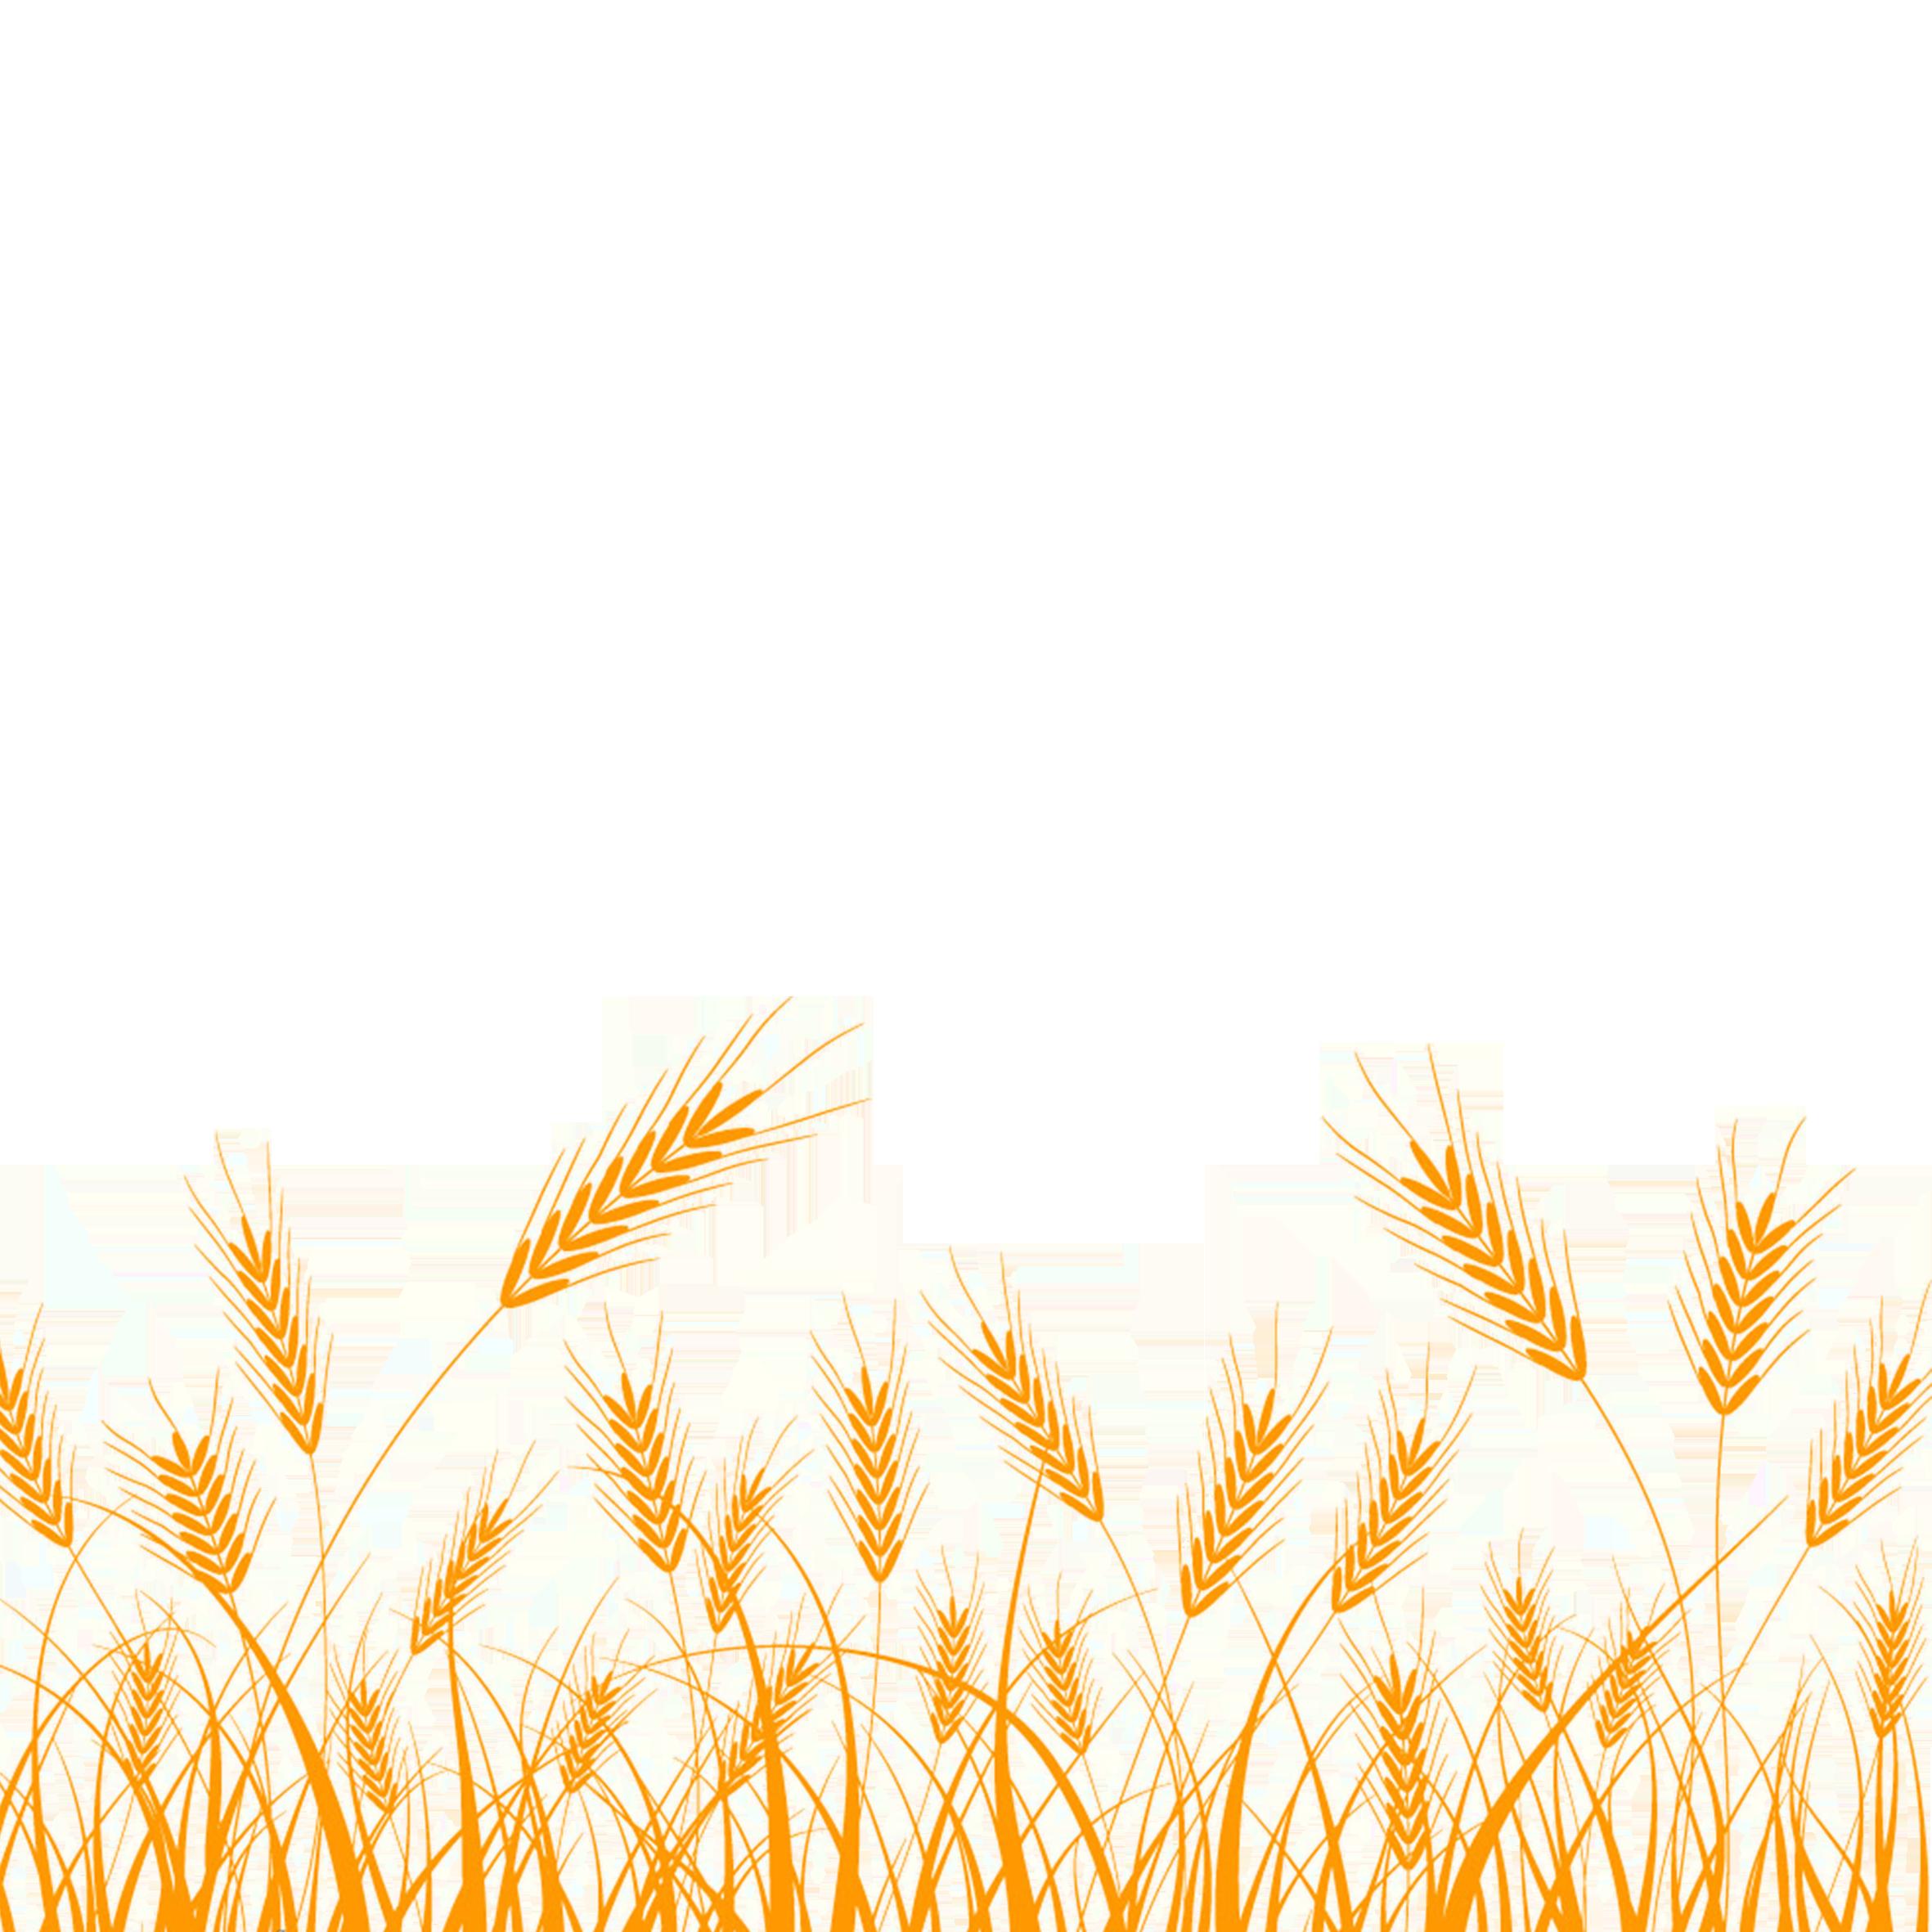 Wheat clipart grain bag. Silhouette clip art rice